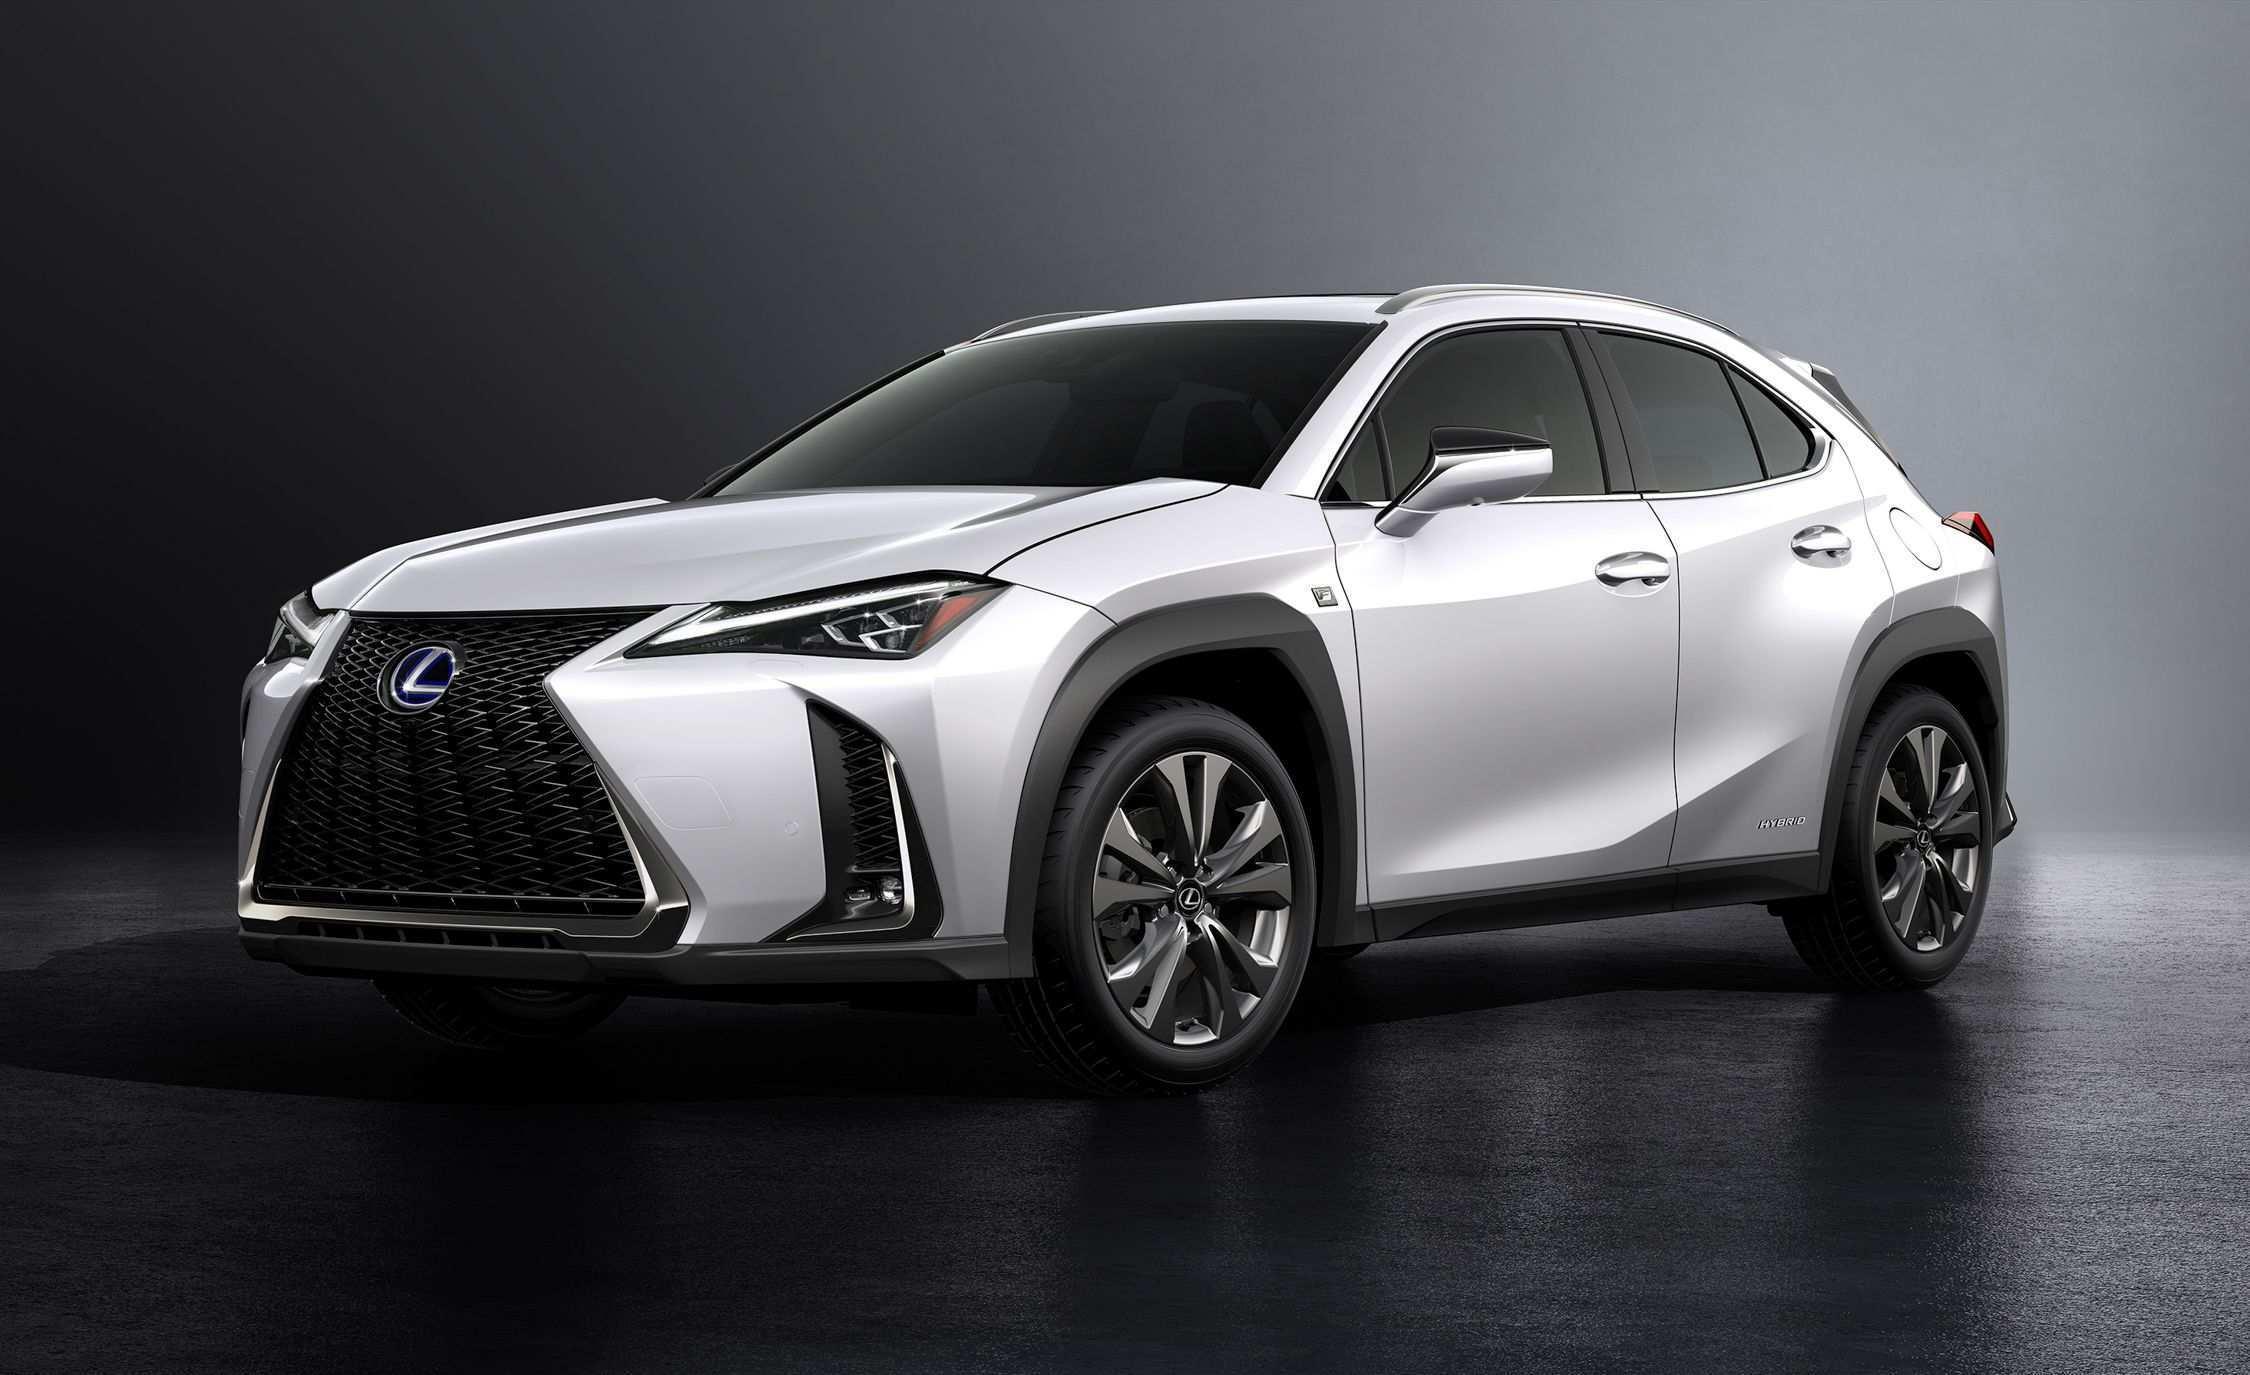 91 Great Lexus Ux 2019 Price New Concept for Lexus Ux 2019 Price